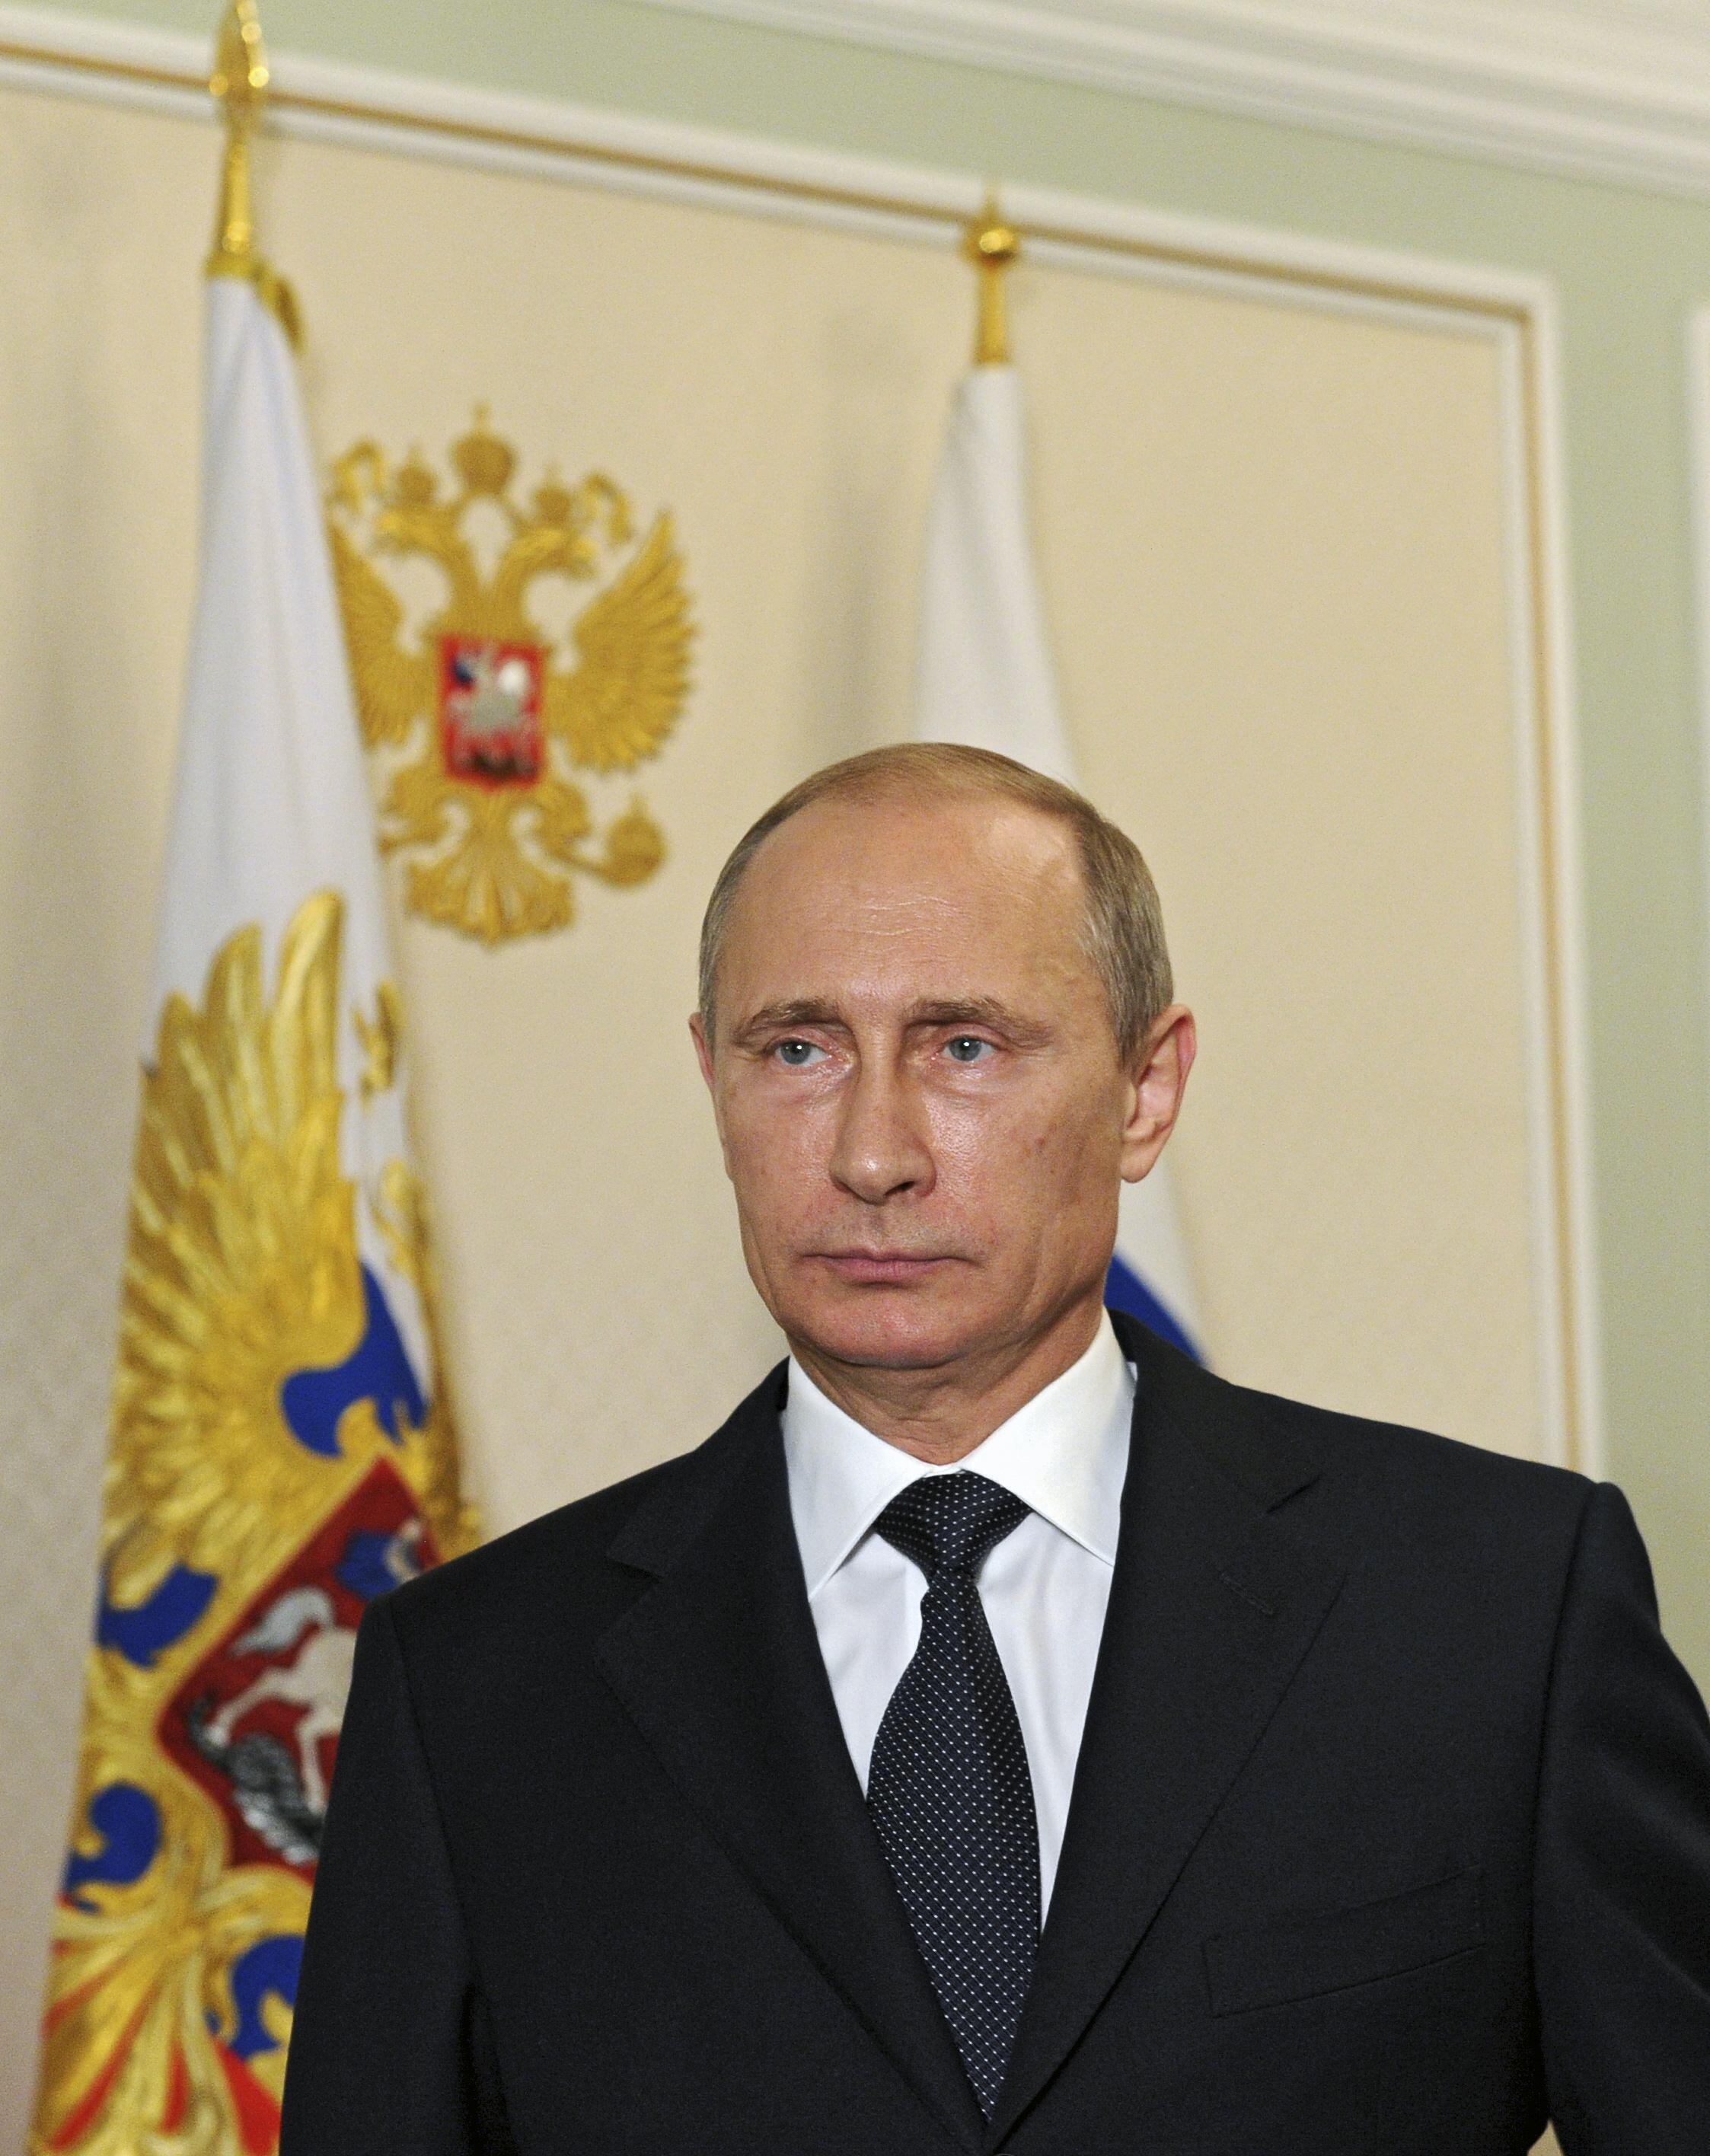 O presidente russo, Vladimir Putin disse que a tragédia do voo da Malaysia Airlines não deve ser usada com fins políticos.